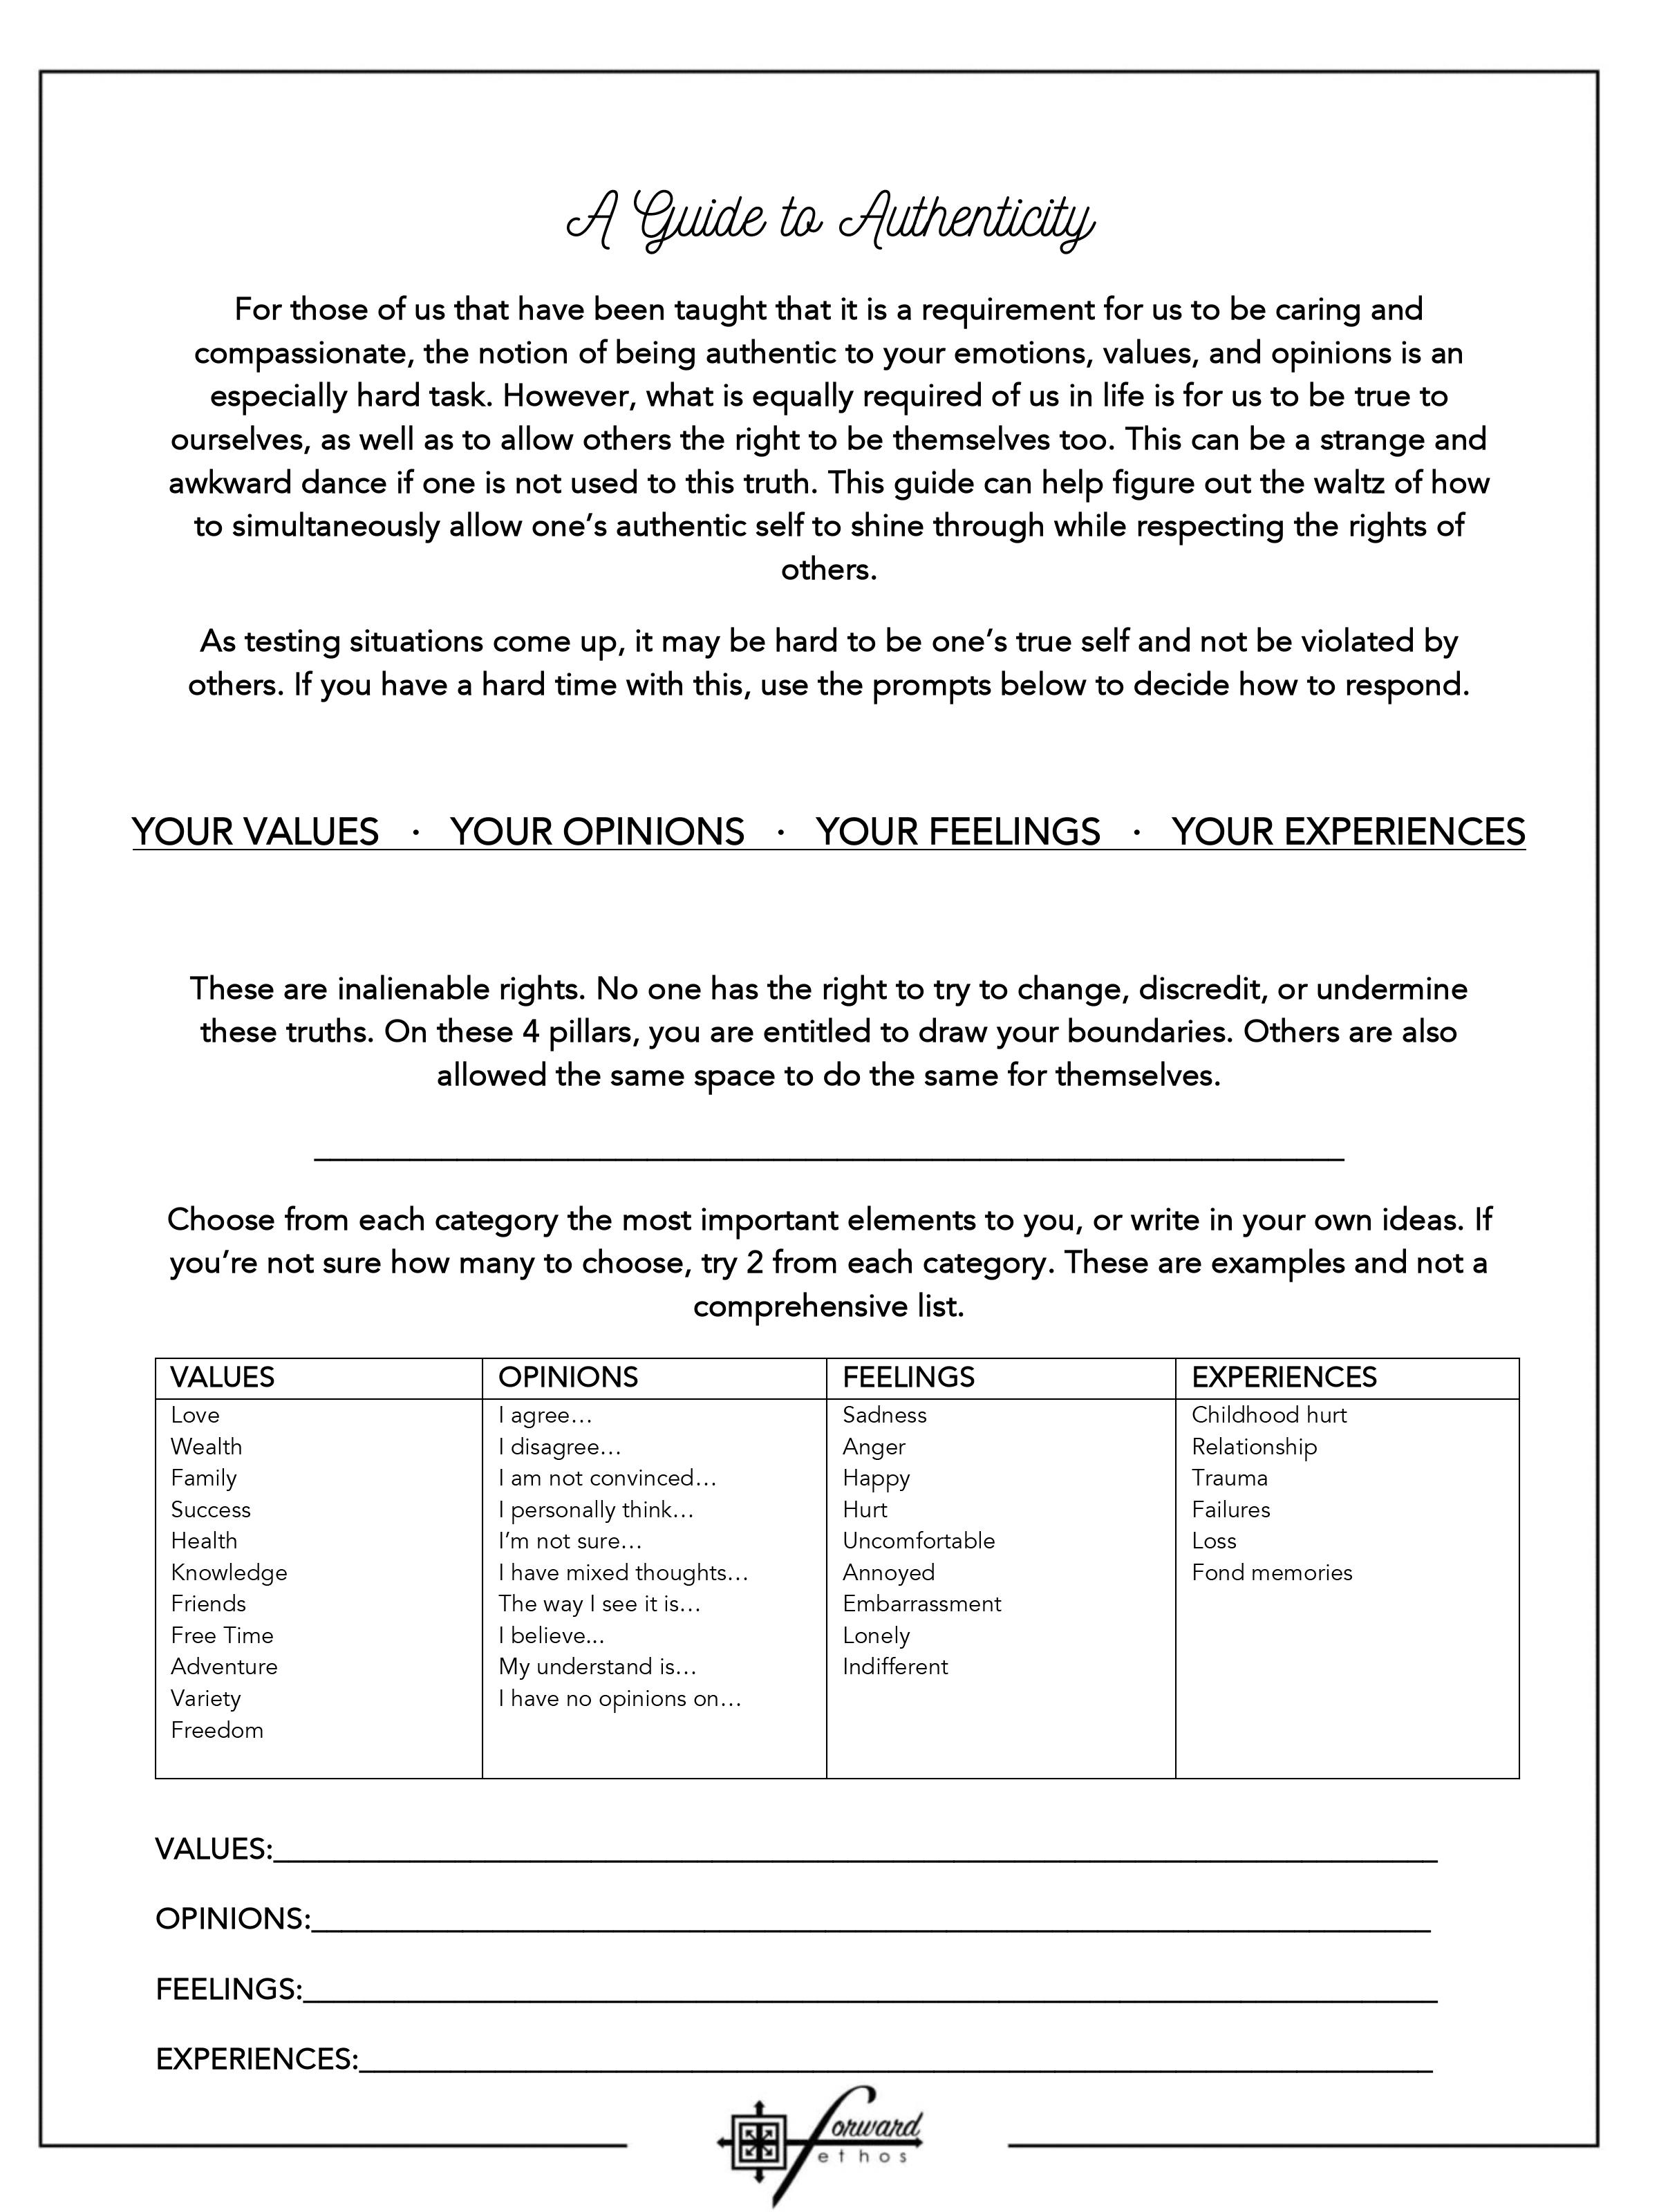 Worksheet 01-1.jpg